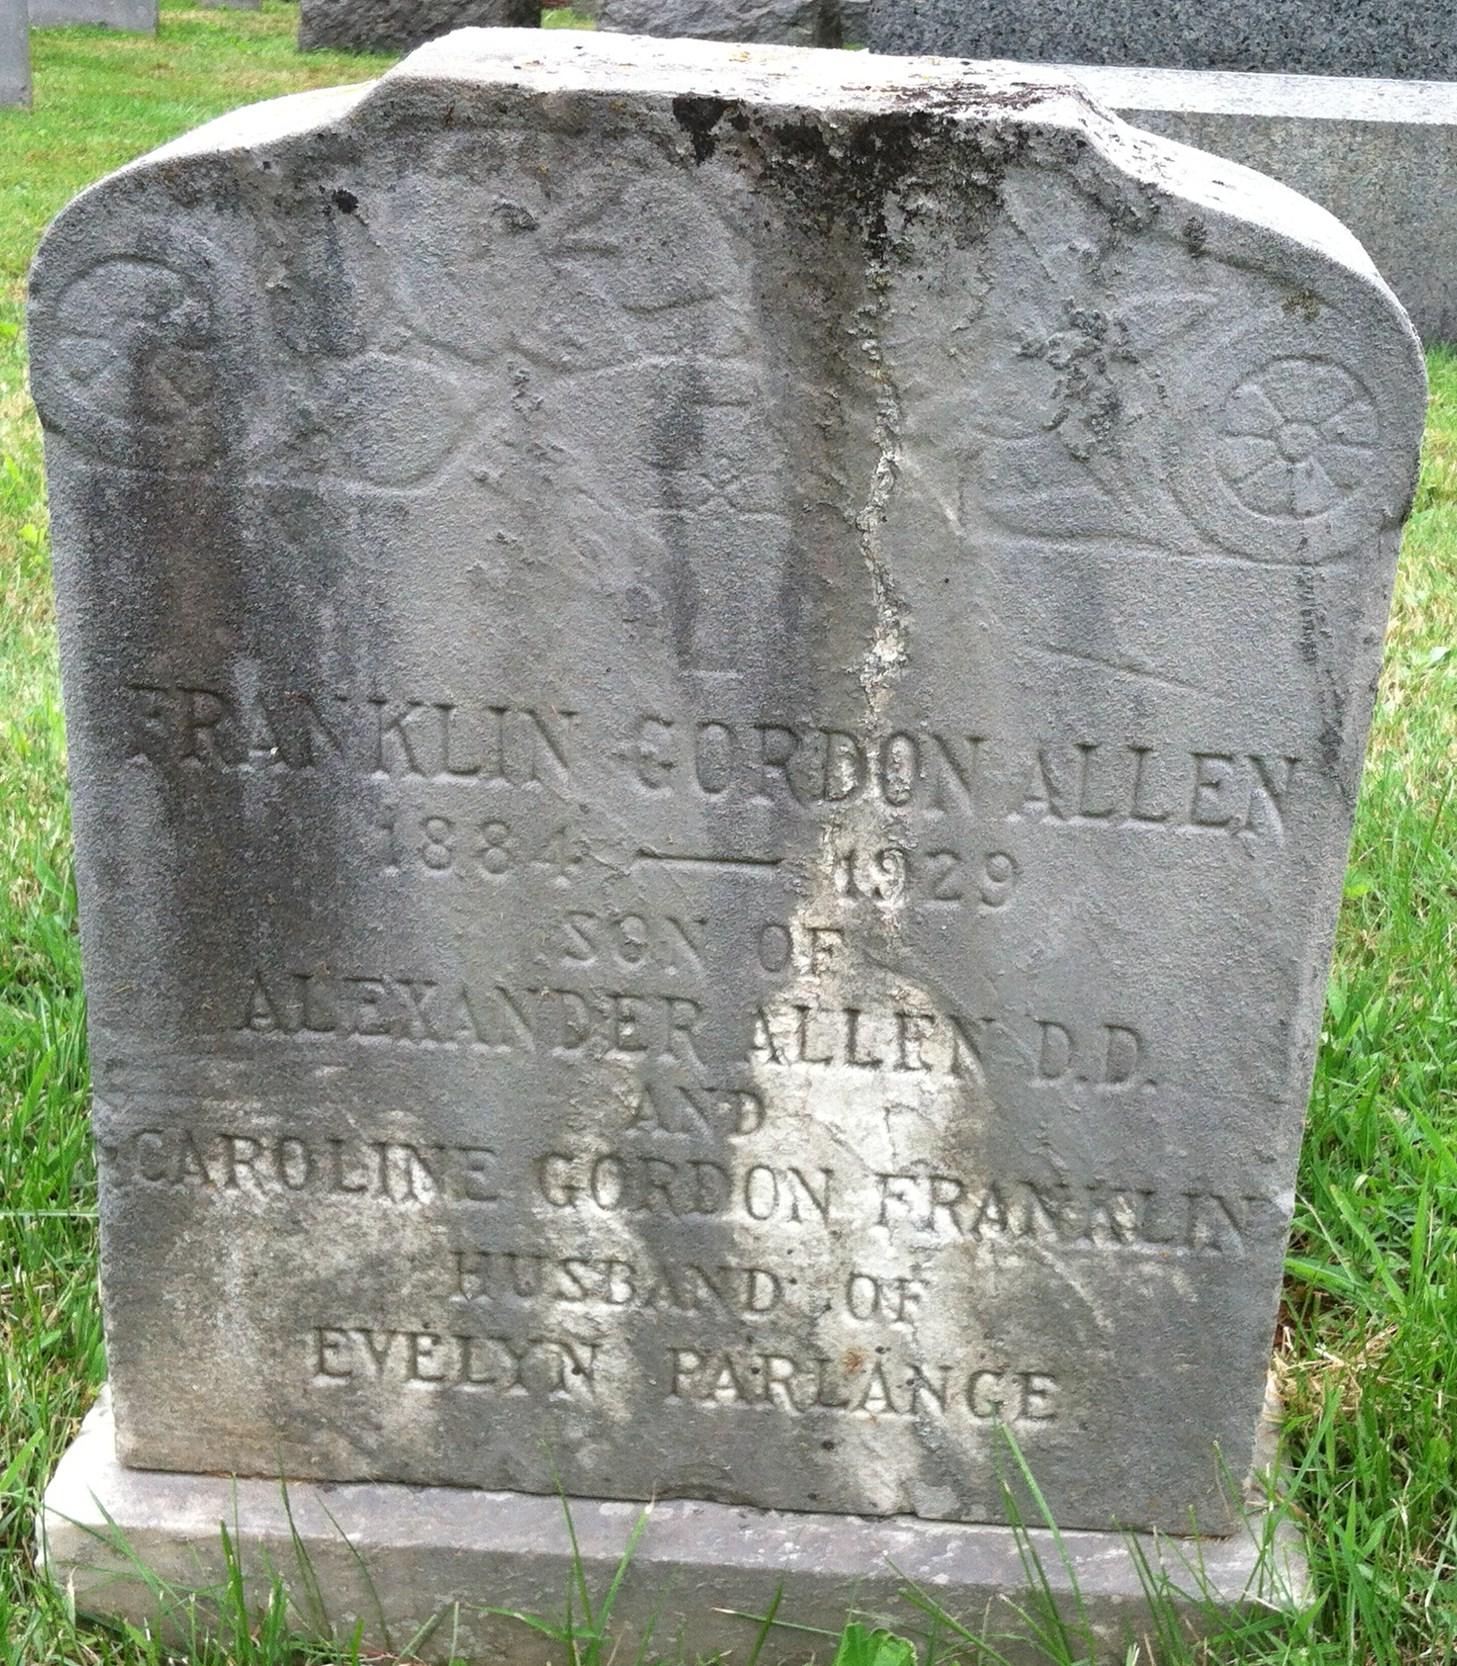 Franklin Gordon Allen